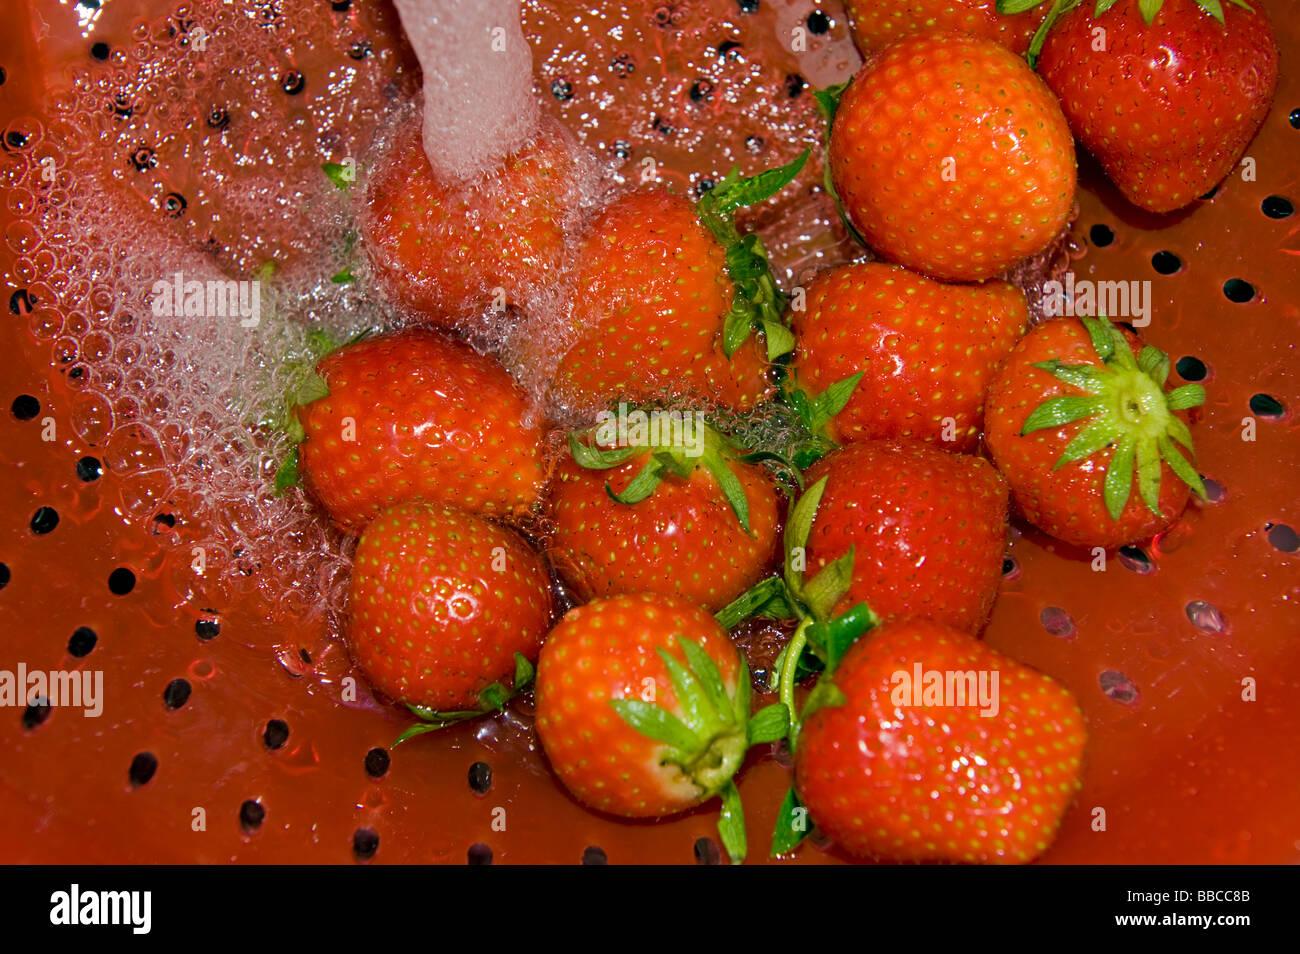 Lavar las fresas strawberry riddle pantalla tamiz tamiz de limpieza de agua jet red de riego cocina cocinar cocinando prepare Foto de stock